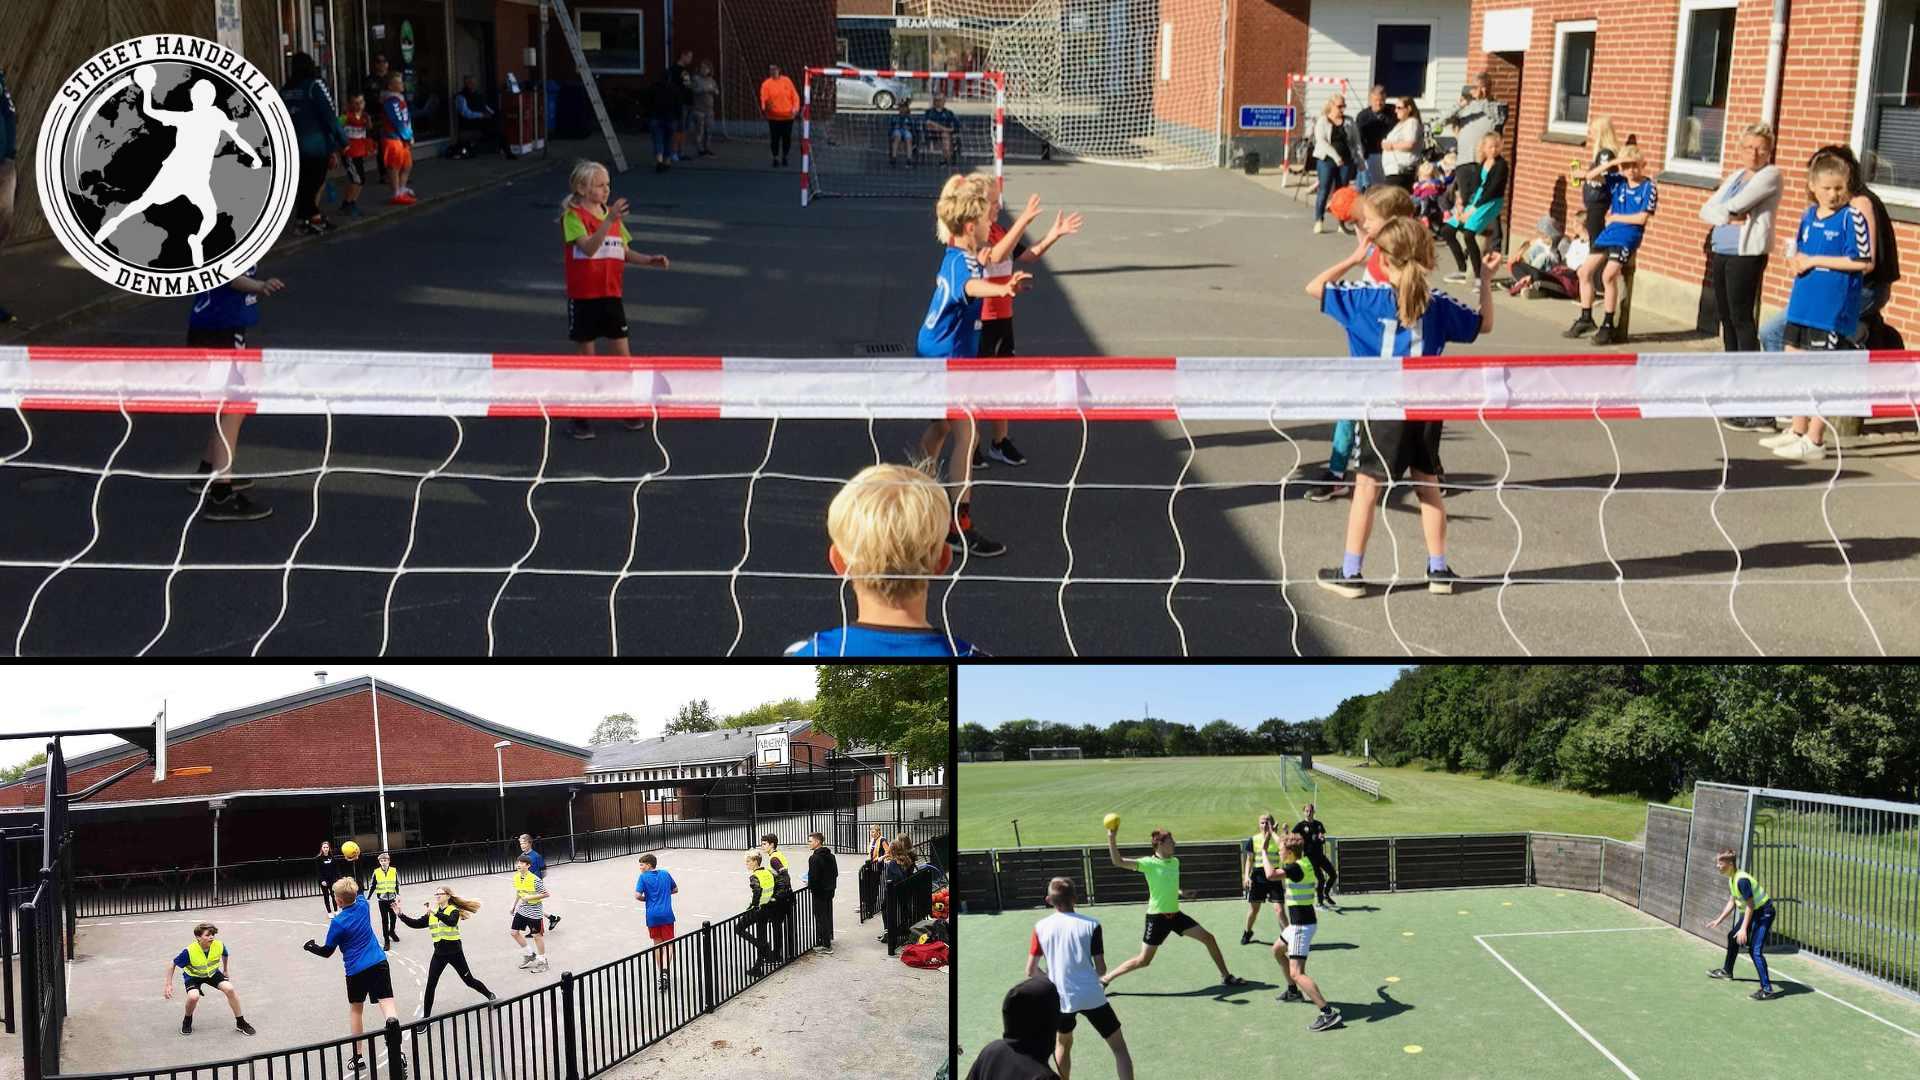 Udendørs Håndbold, Street Håndbold, Street Handball